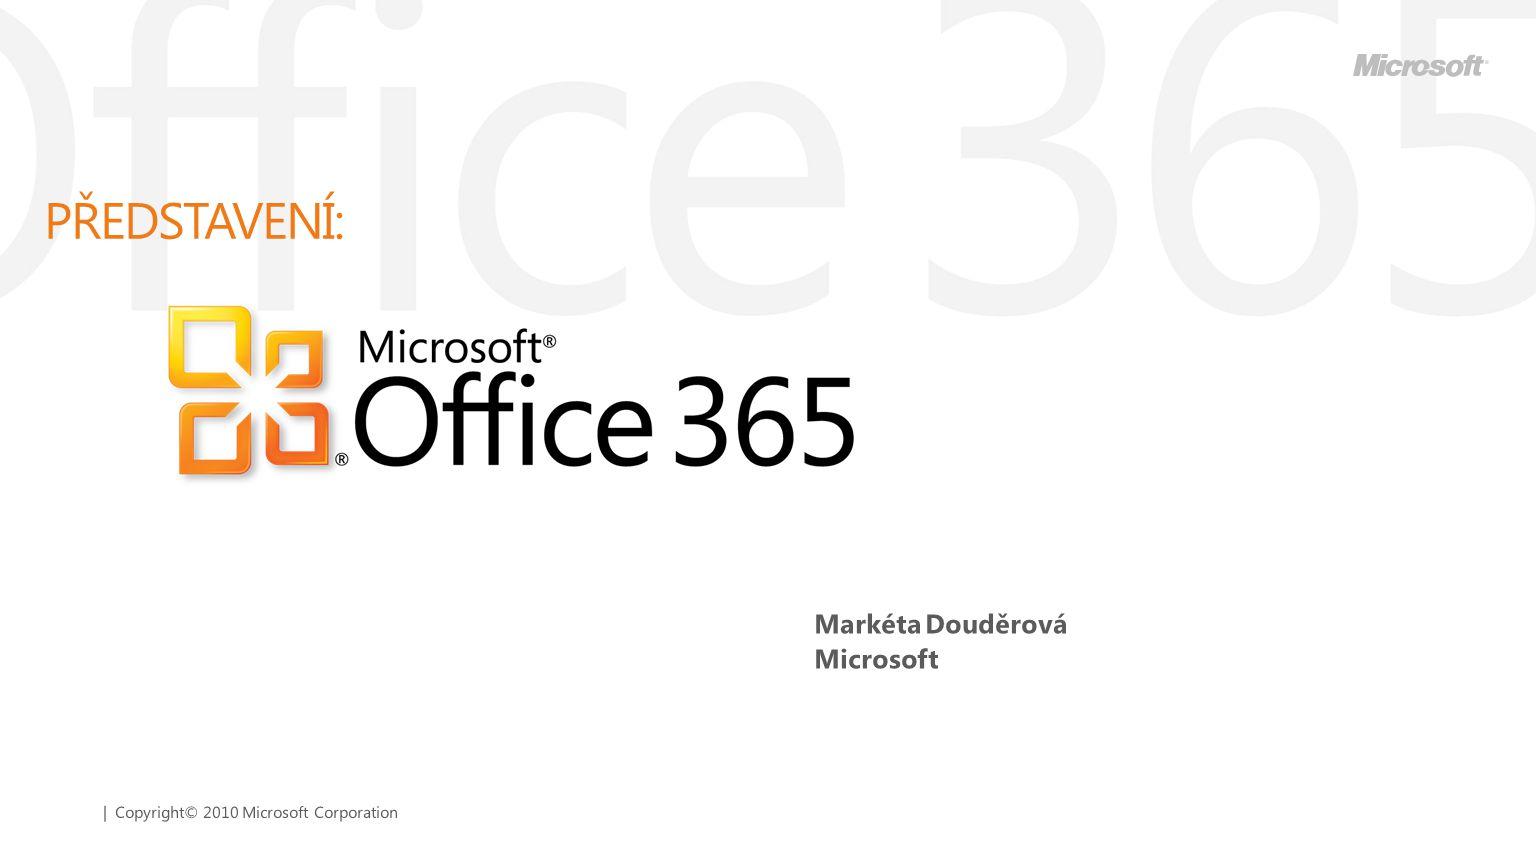 | Copyright© 2010 Microsoft Corporation SJEDNOCENÁ KOMUNIKACE TÝMOVÁ SPOLUPRÁCE ENTERPRISE CONTENT MANAGEMENT VYHLEDÁVÁNÍ Vysoká produktivita kdykoliv a kdekoliv na PC, mobil nebo web Cloud podle Vašich potřeb Moderní produktivita